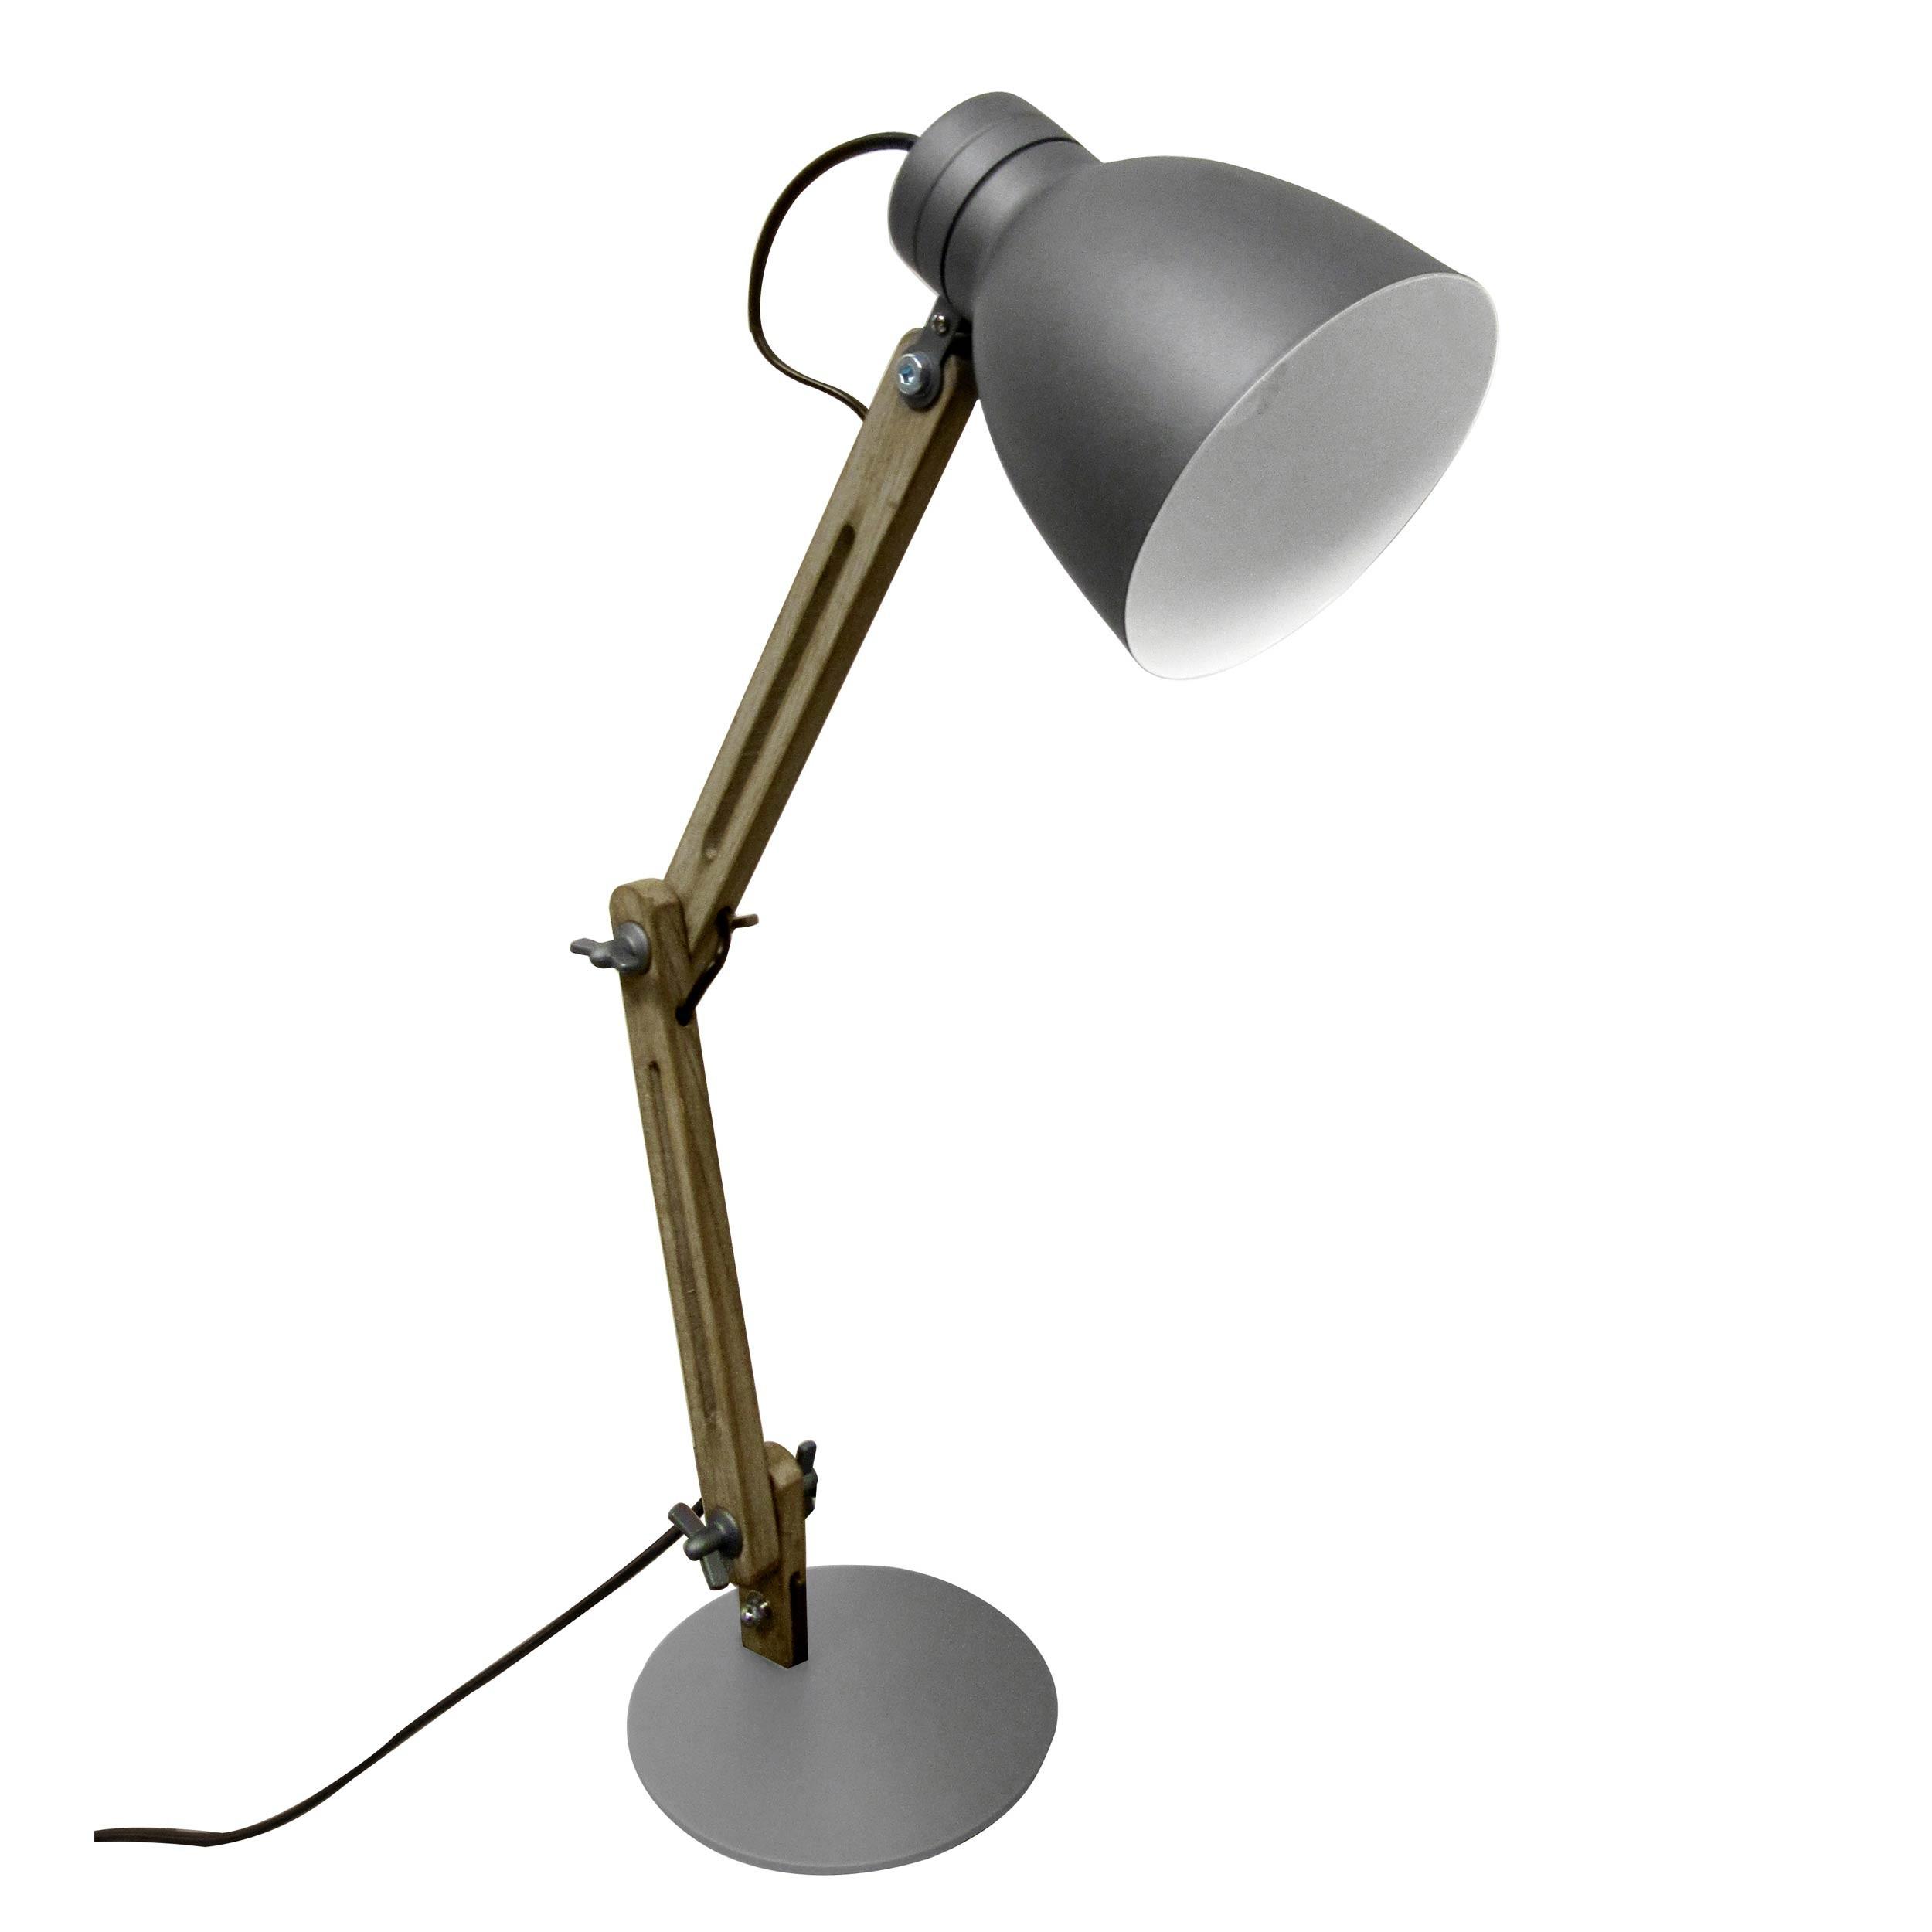 Lampe De Bureau Makai Grise Achetez Les Lampes De Bureau Makai